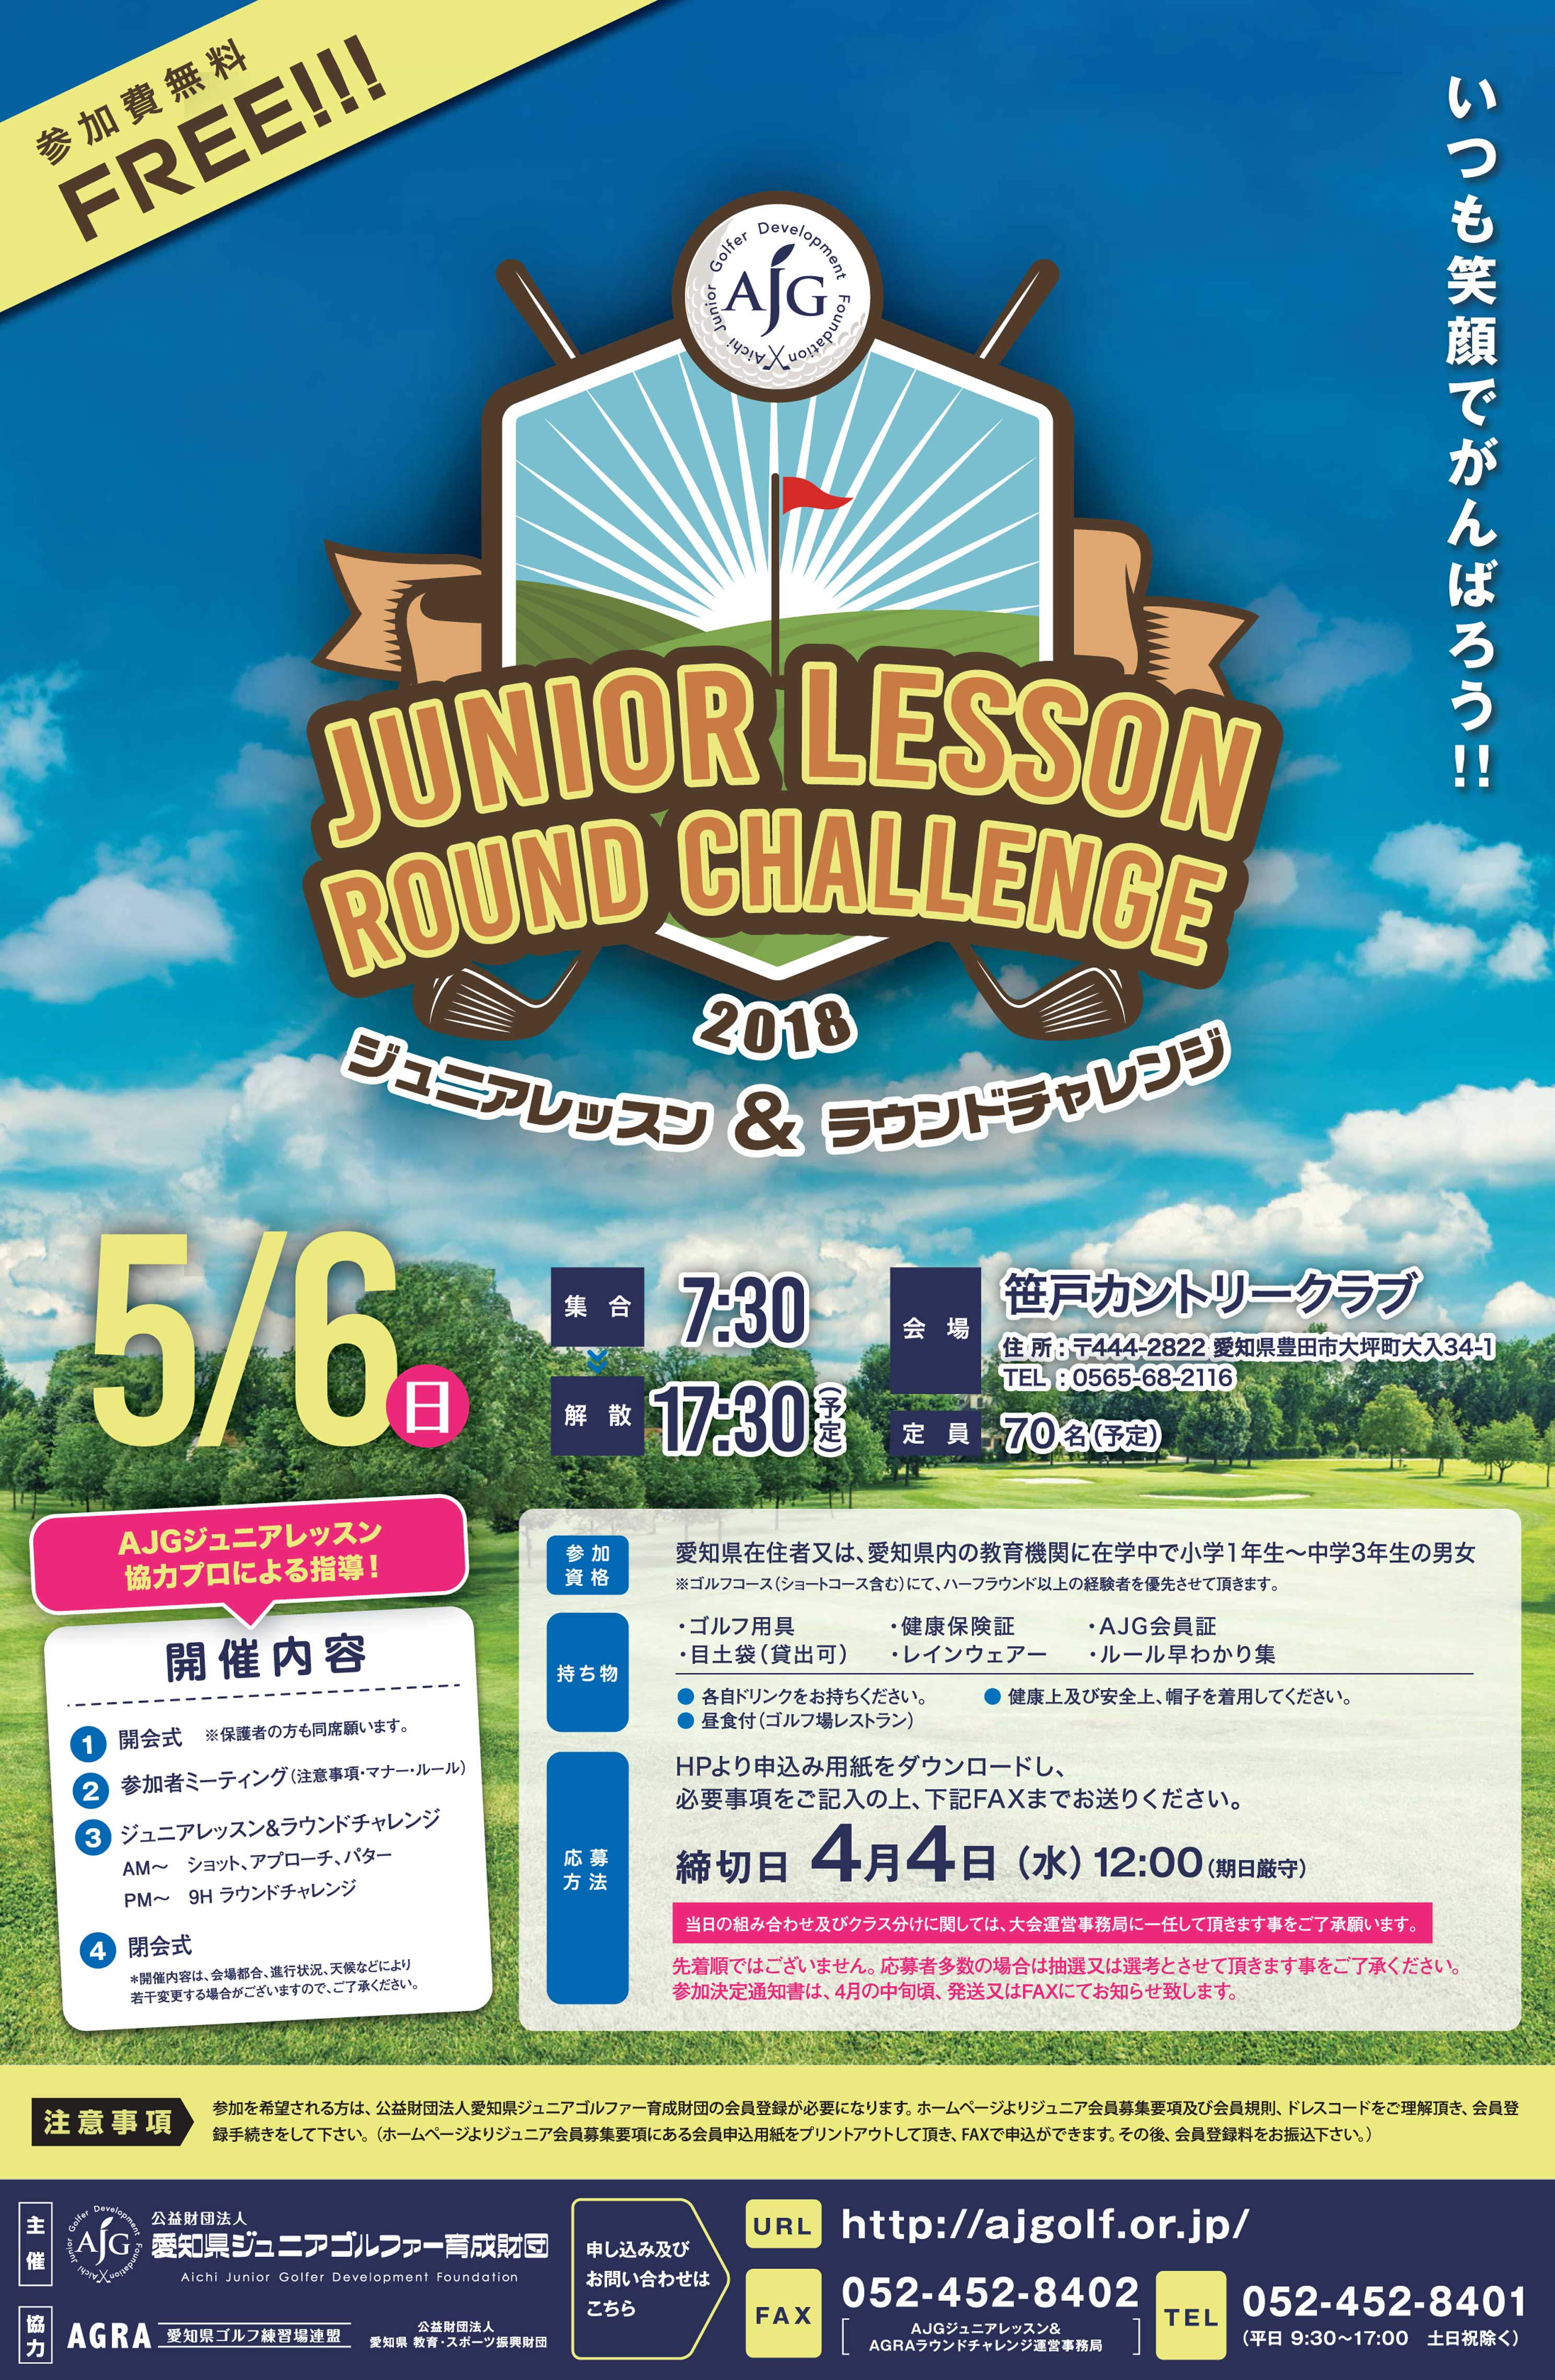 ゴルフ 育成 ゴルファー プロゴルファー 愛知県 名古屋市 あいちけん アイチケン なごやし 子ども 子ども用 学校 習い事